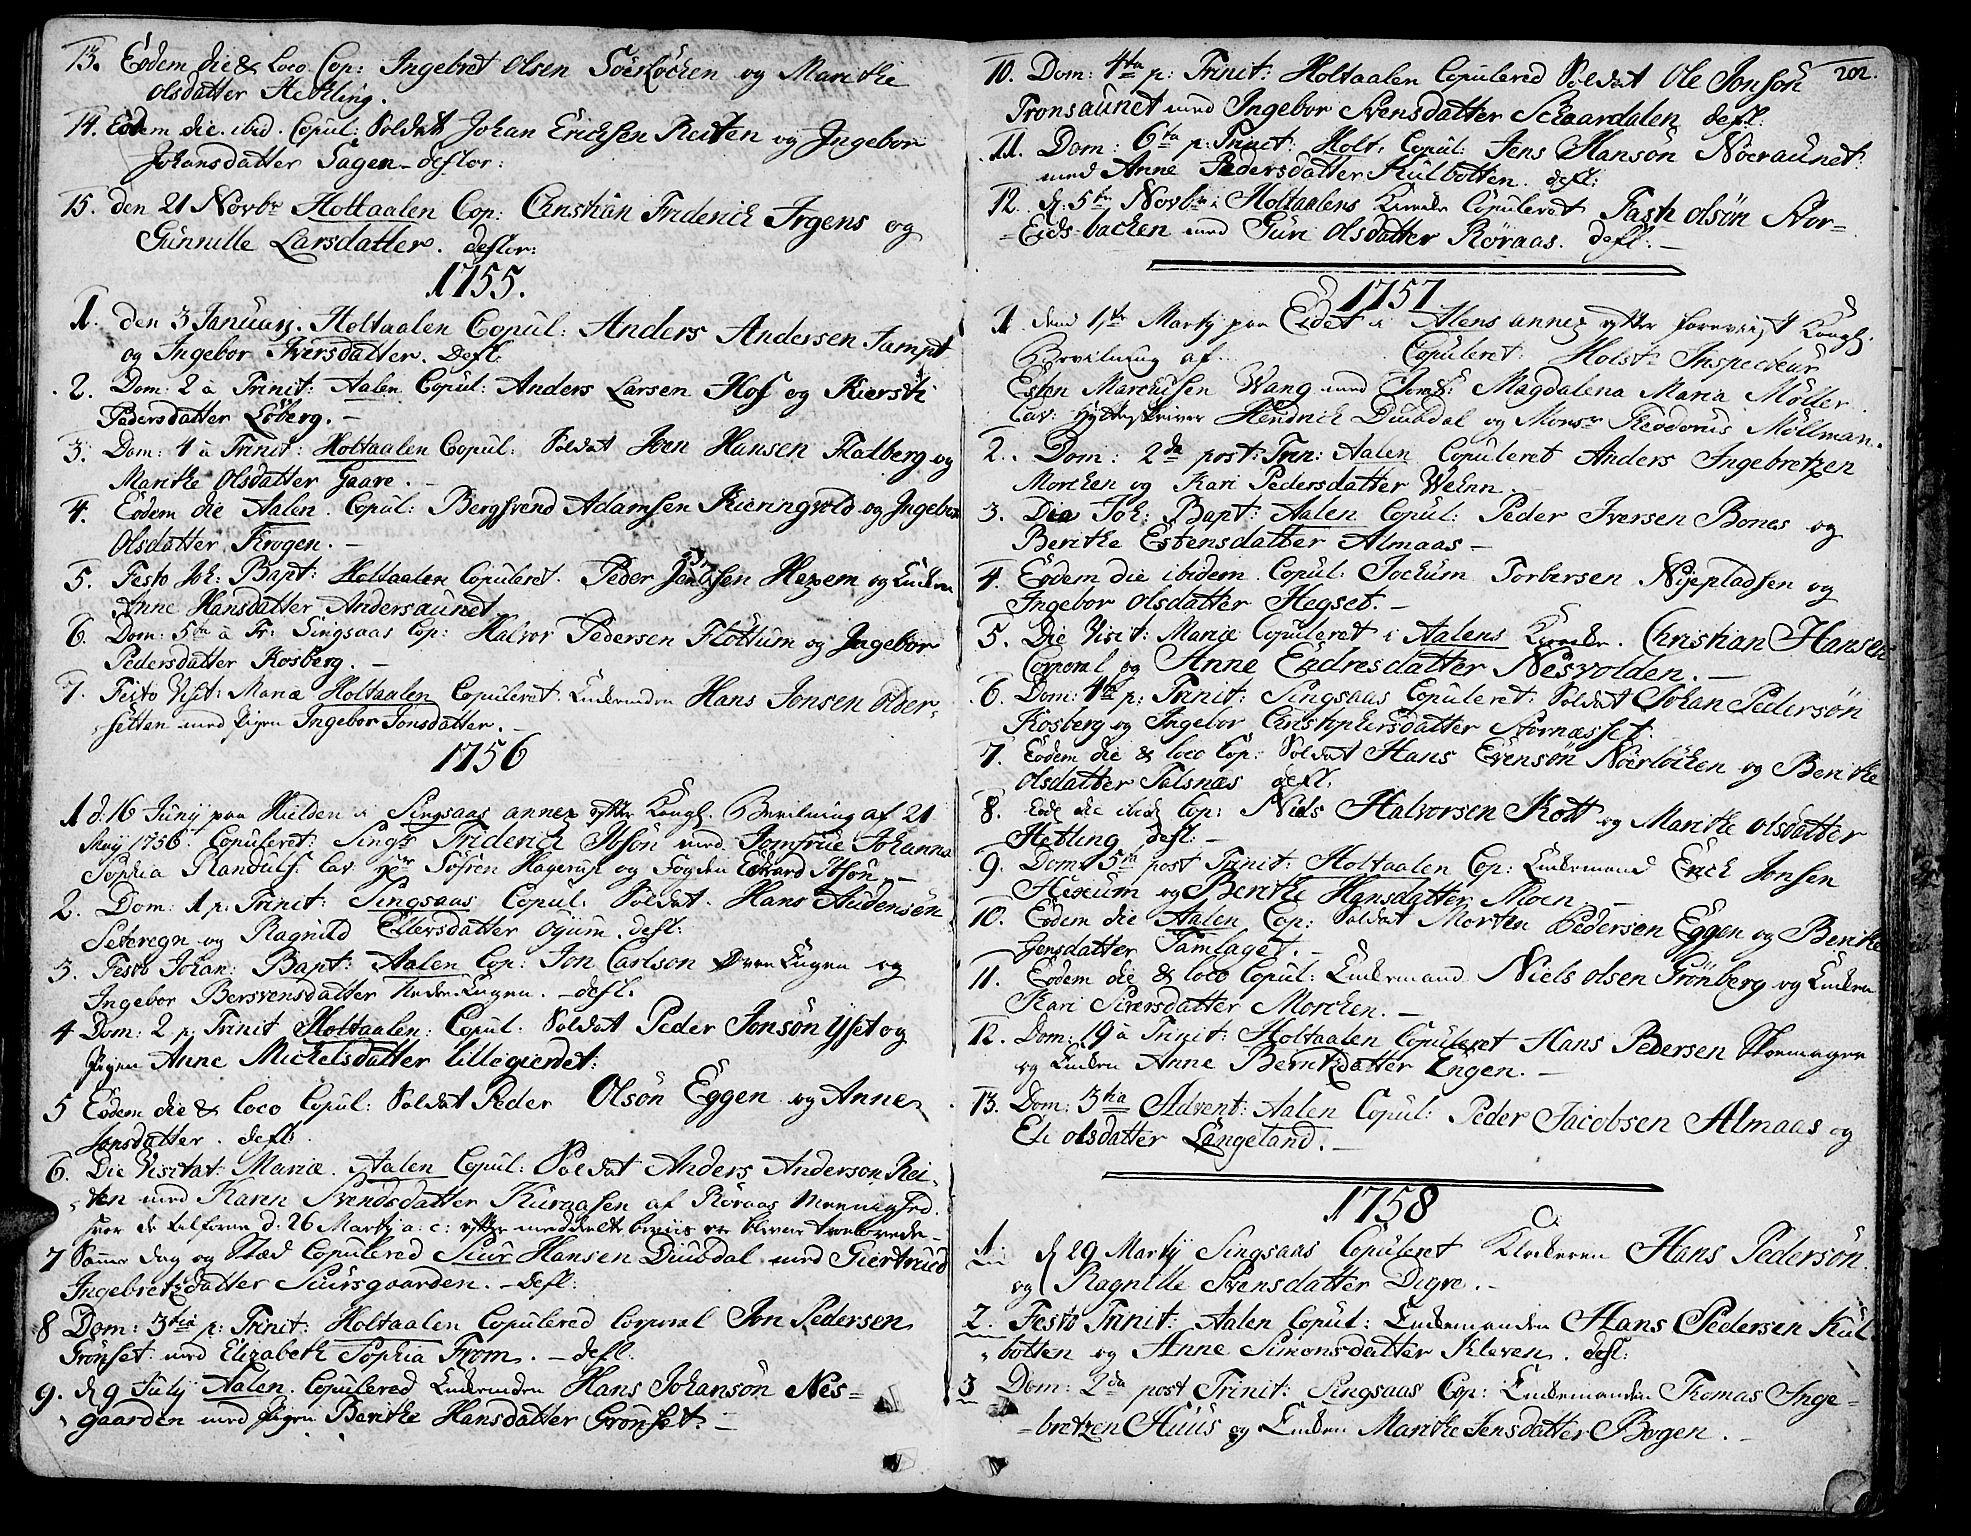 SAT, Ministerialprotokoller, klokkerbøker og fødselsregistre - Sør-Trøndelag, 685/L0952: Ministerialbok nr. 685A01, 1745-1804, s. 202